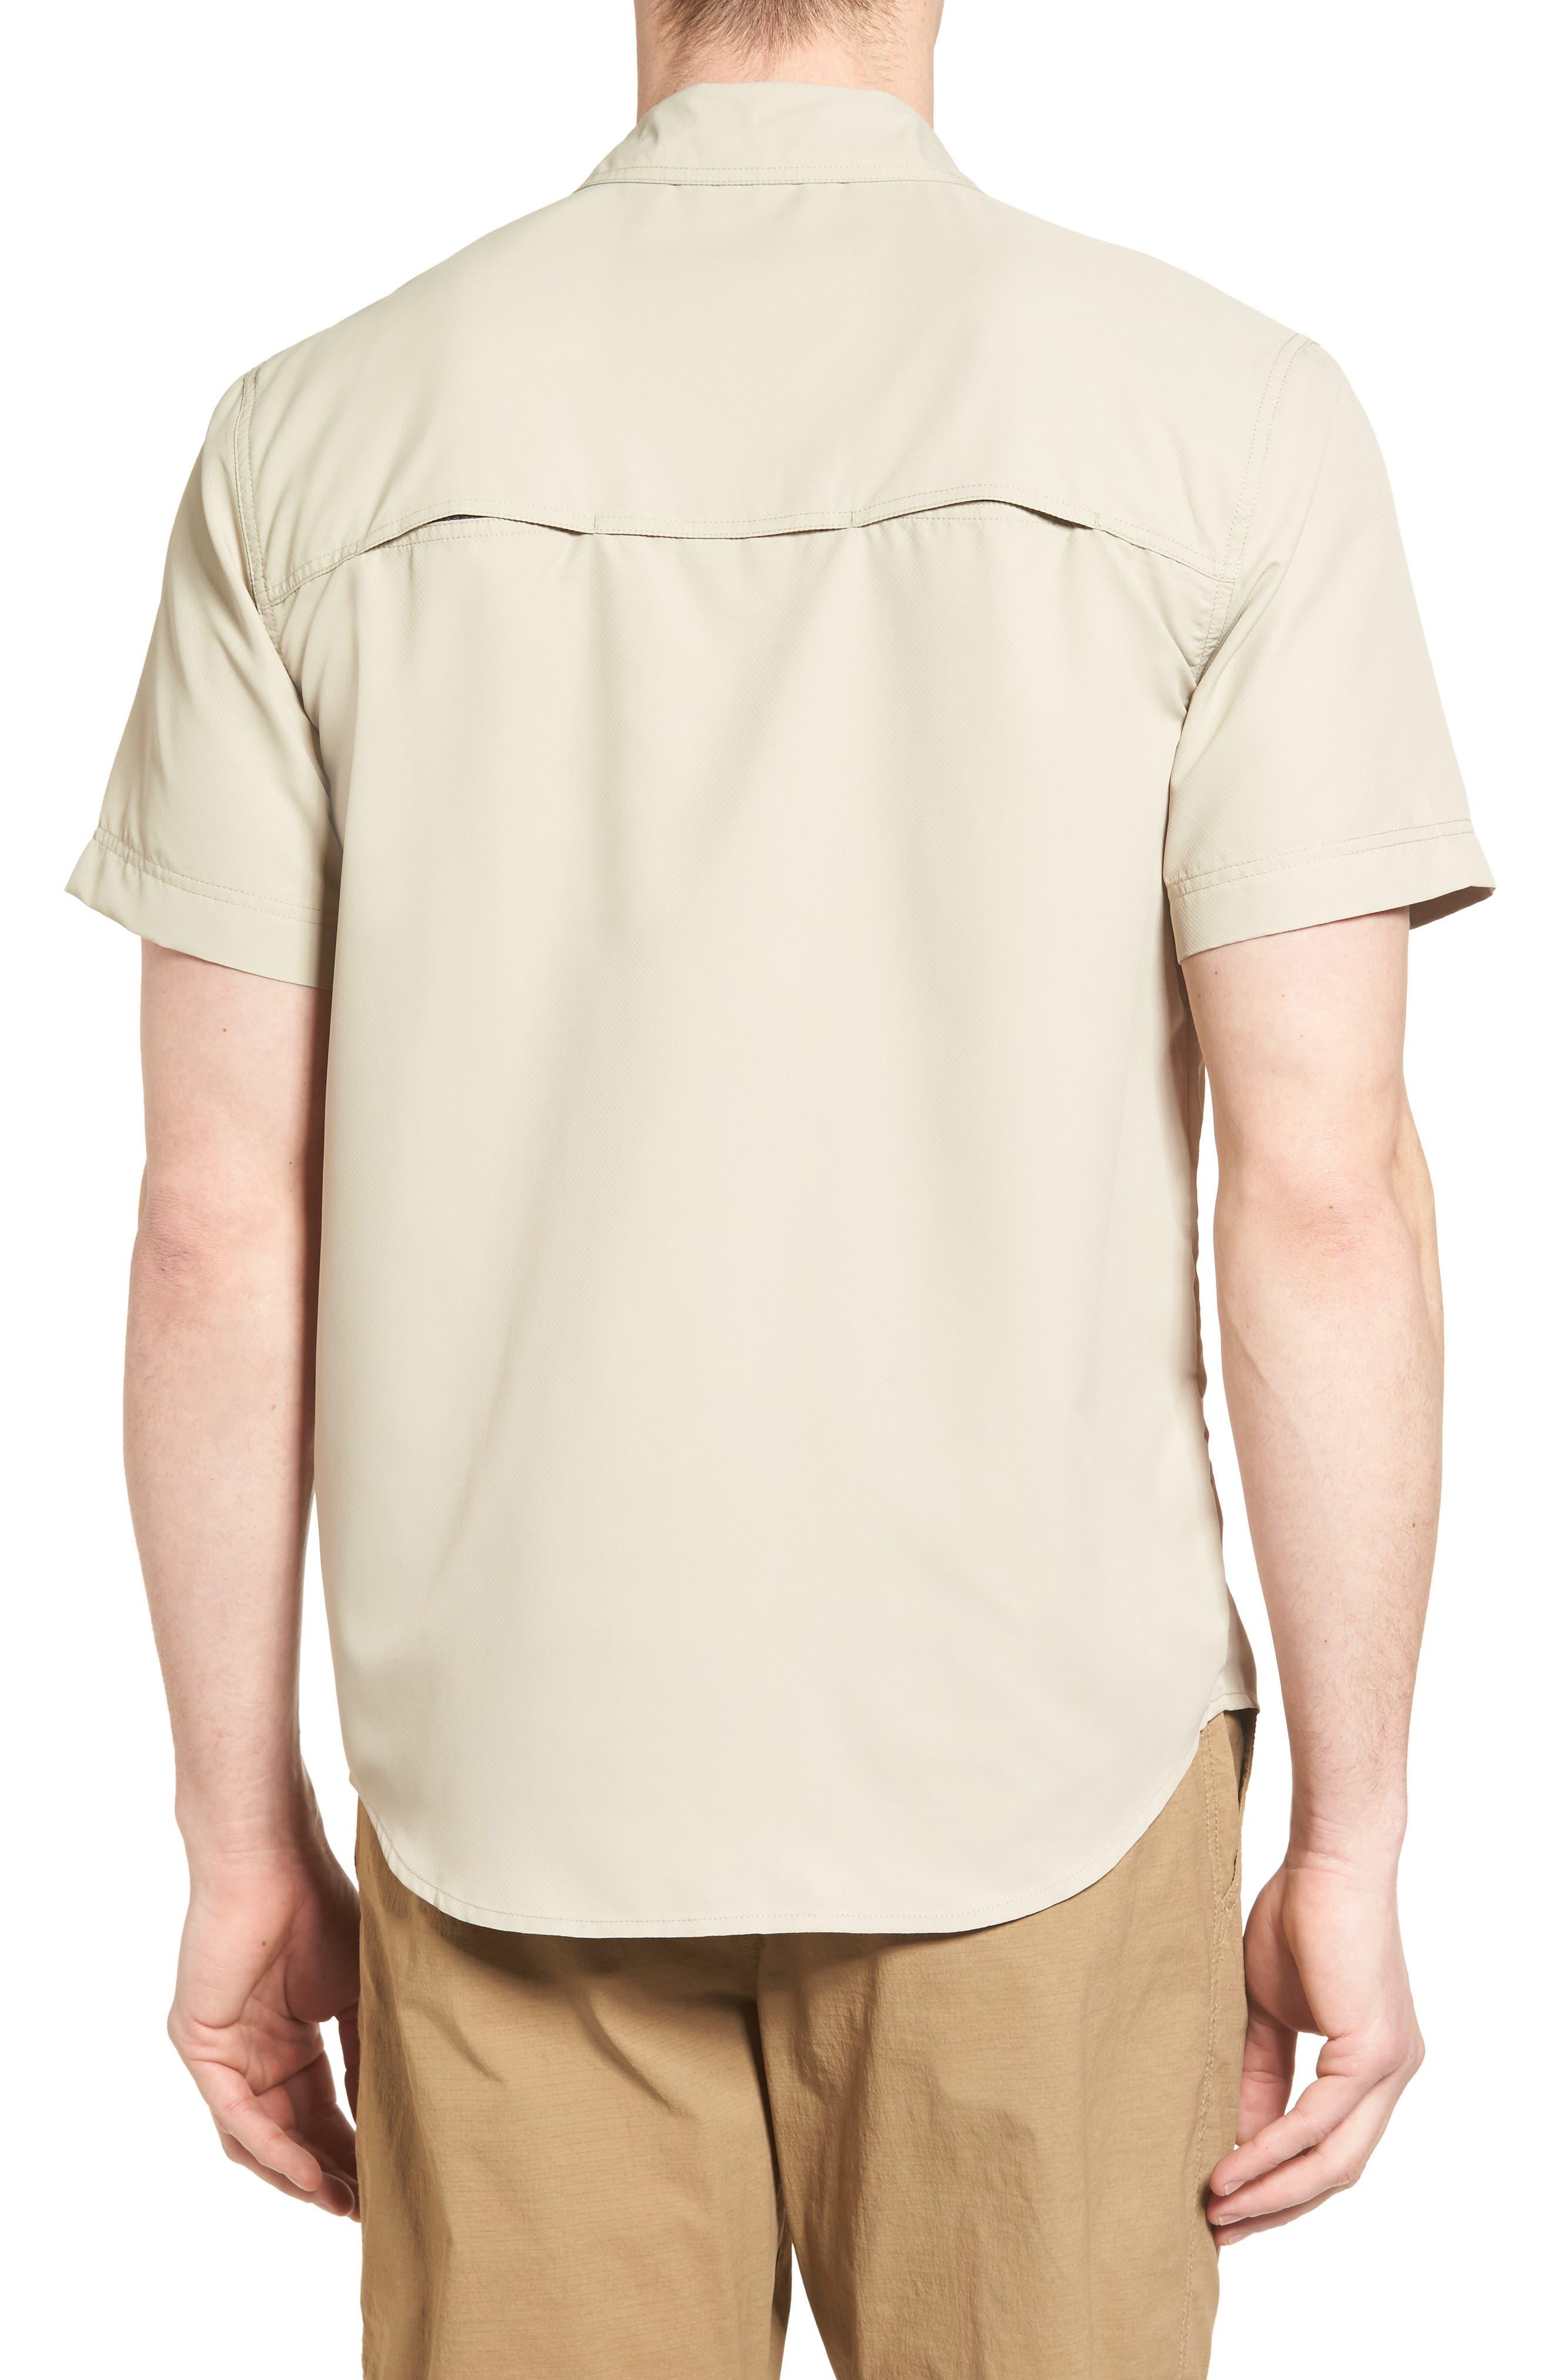 Pescador Tech Shirt,                             Alternate thumbnail 2, color,                             252